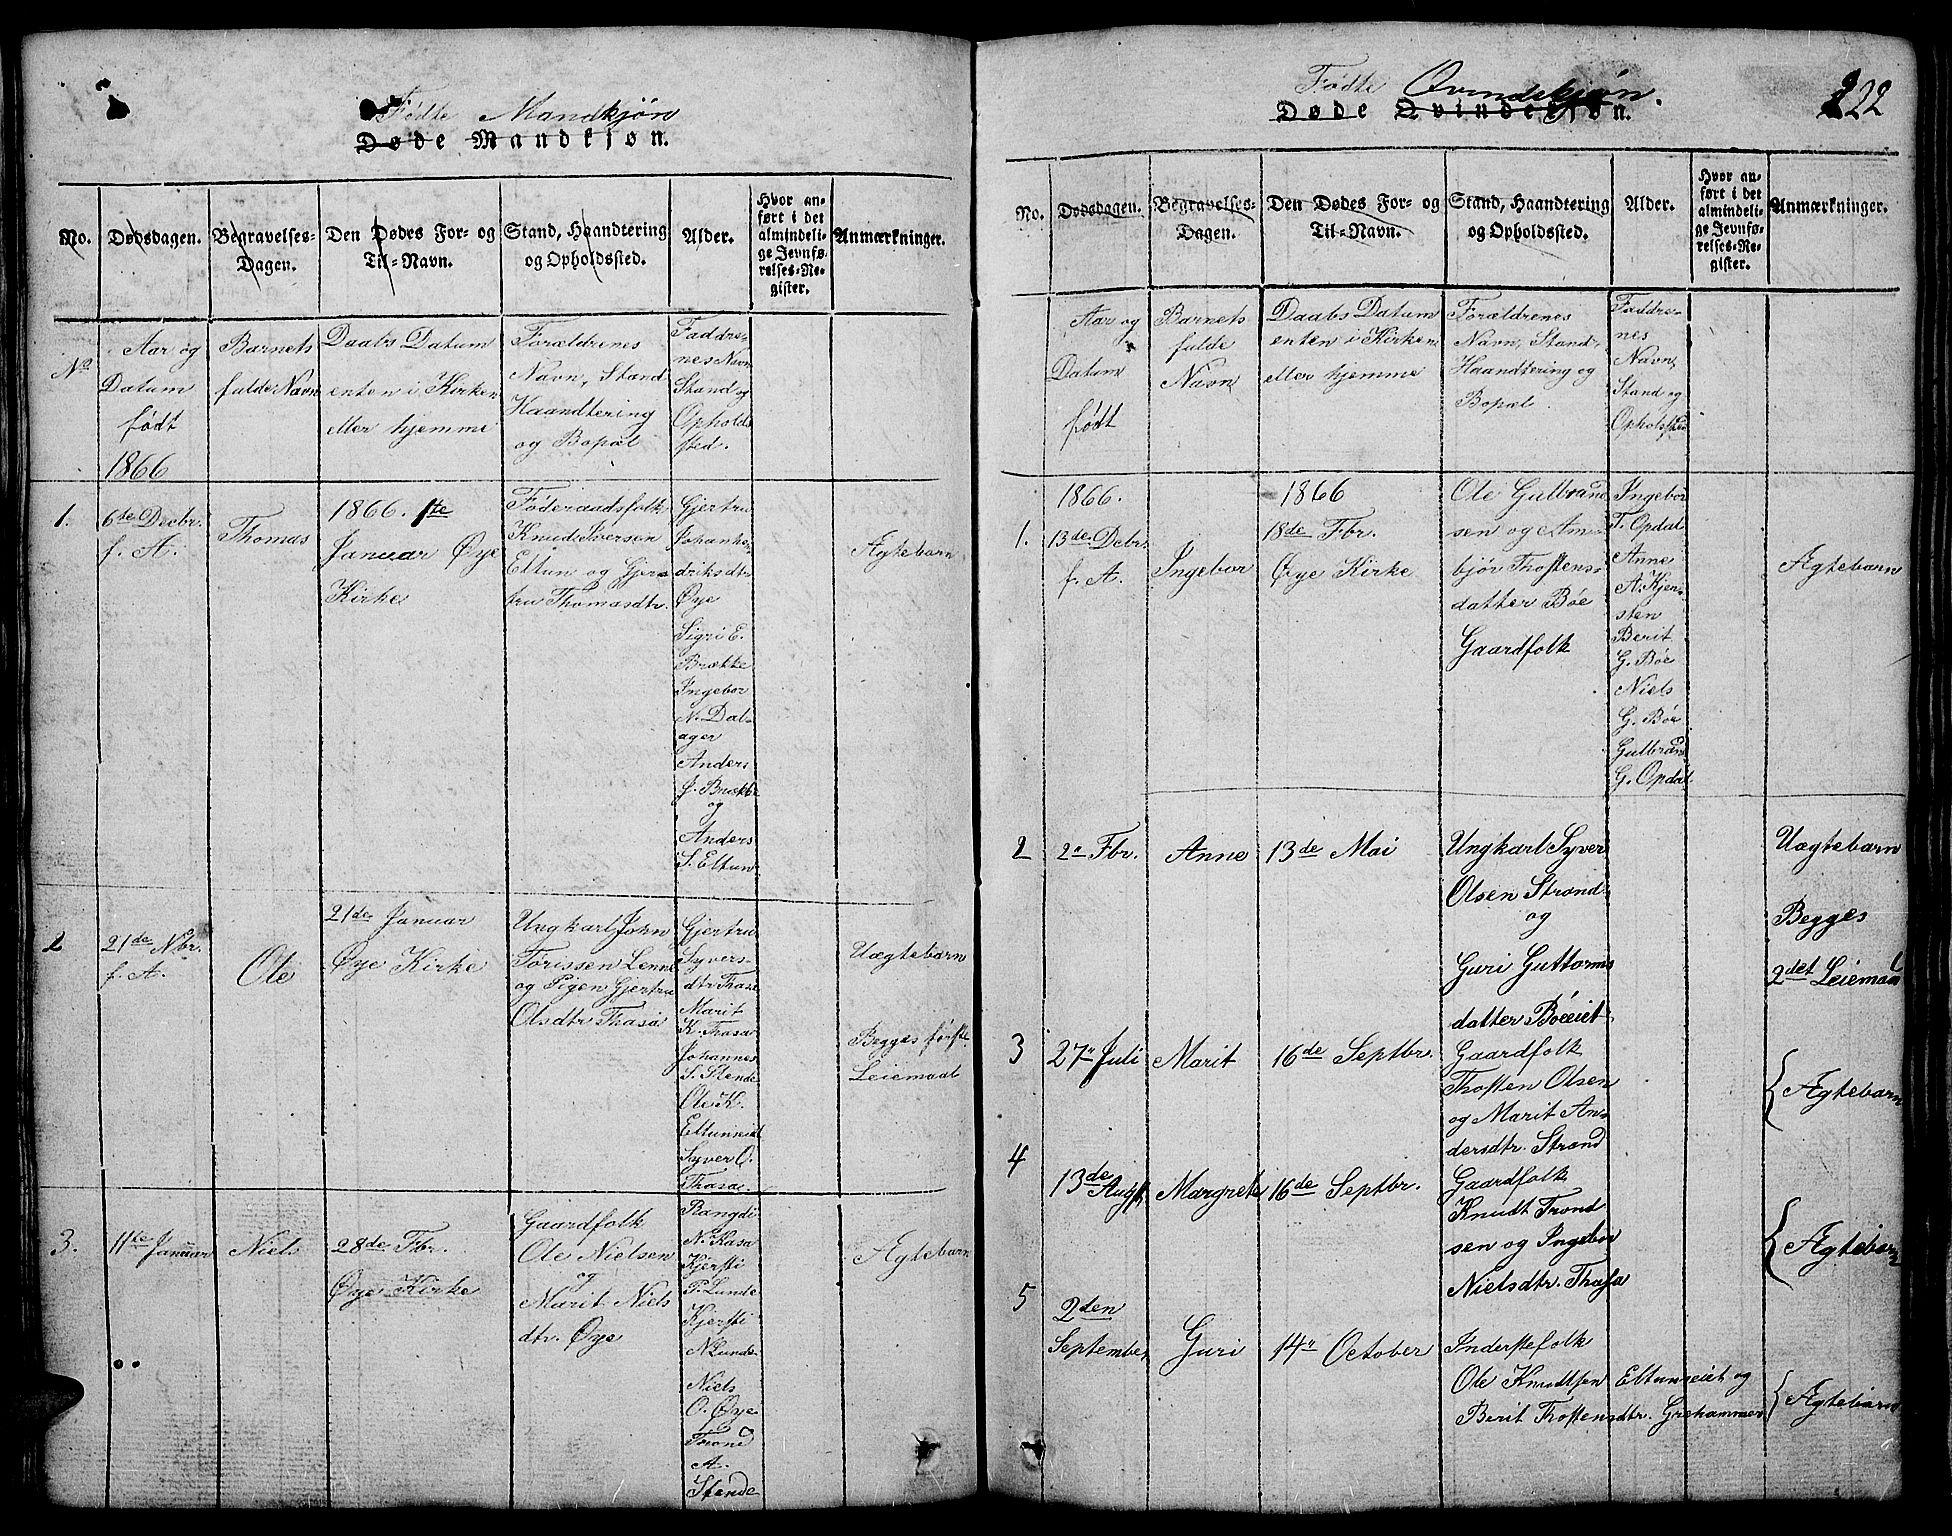 SAH, Vang prestekontor, Valdres, Klokkerbok nr. 2, 1814-1889, s. 122